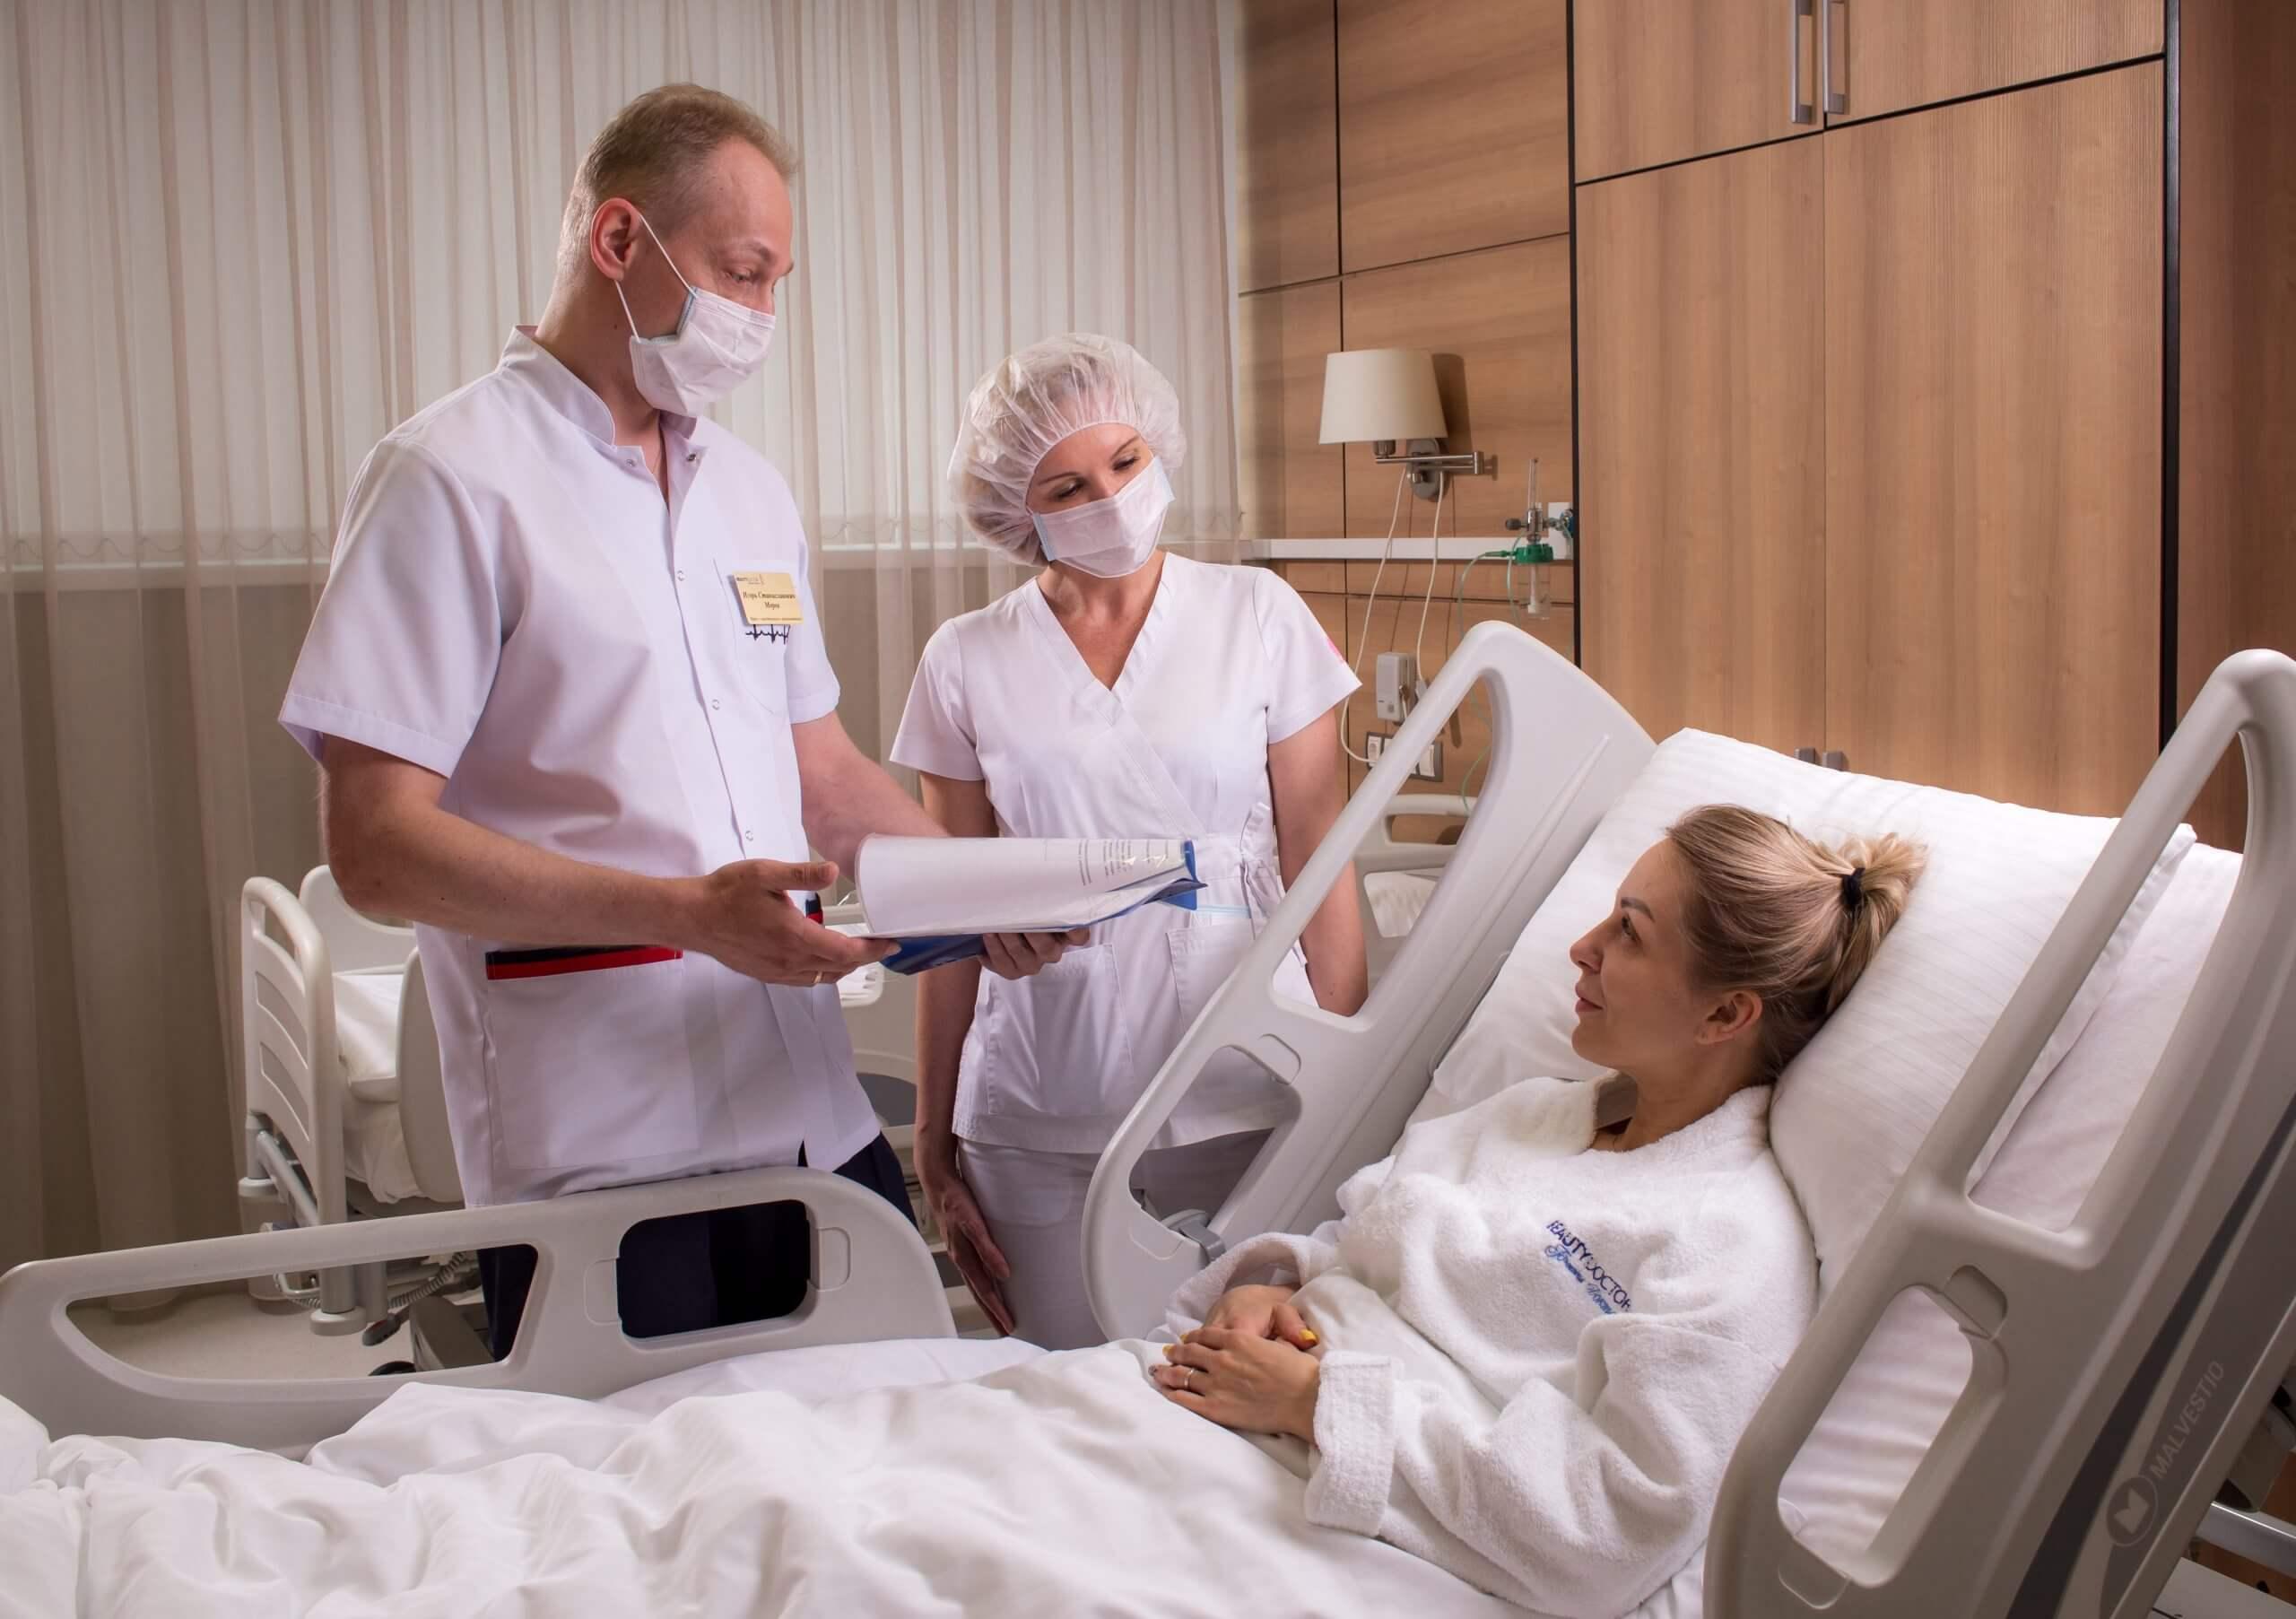 клиники пластической хирургии с лицензией